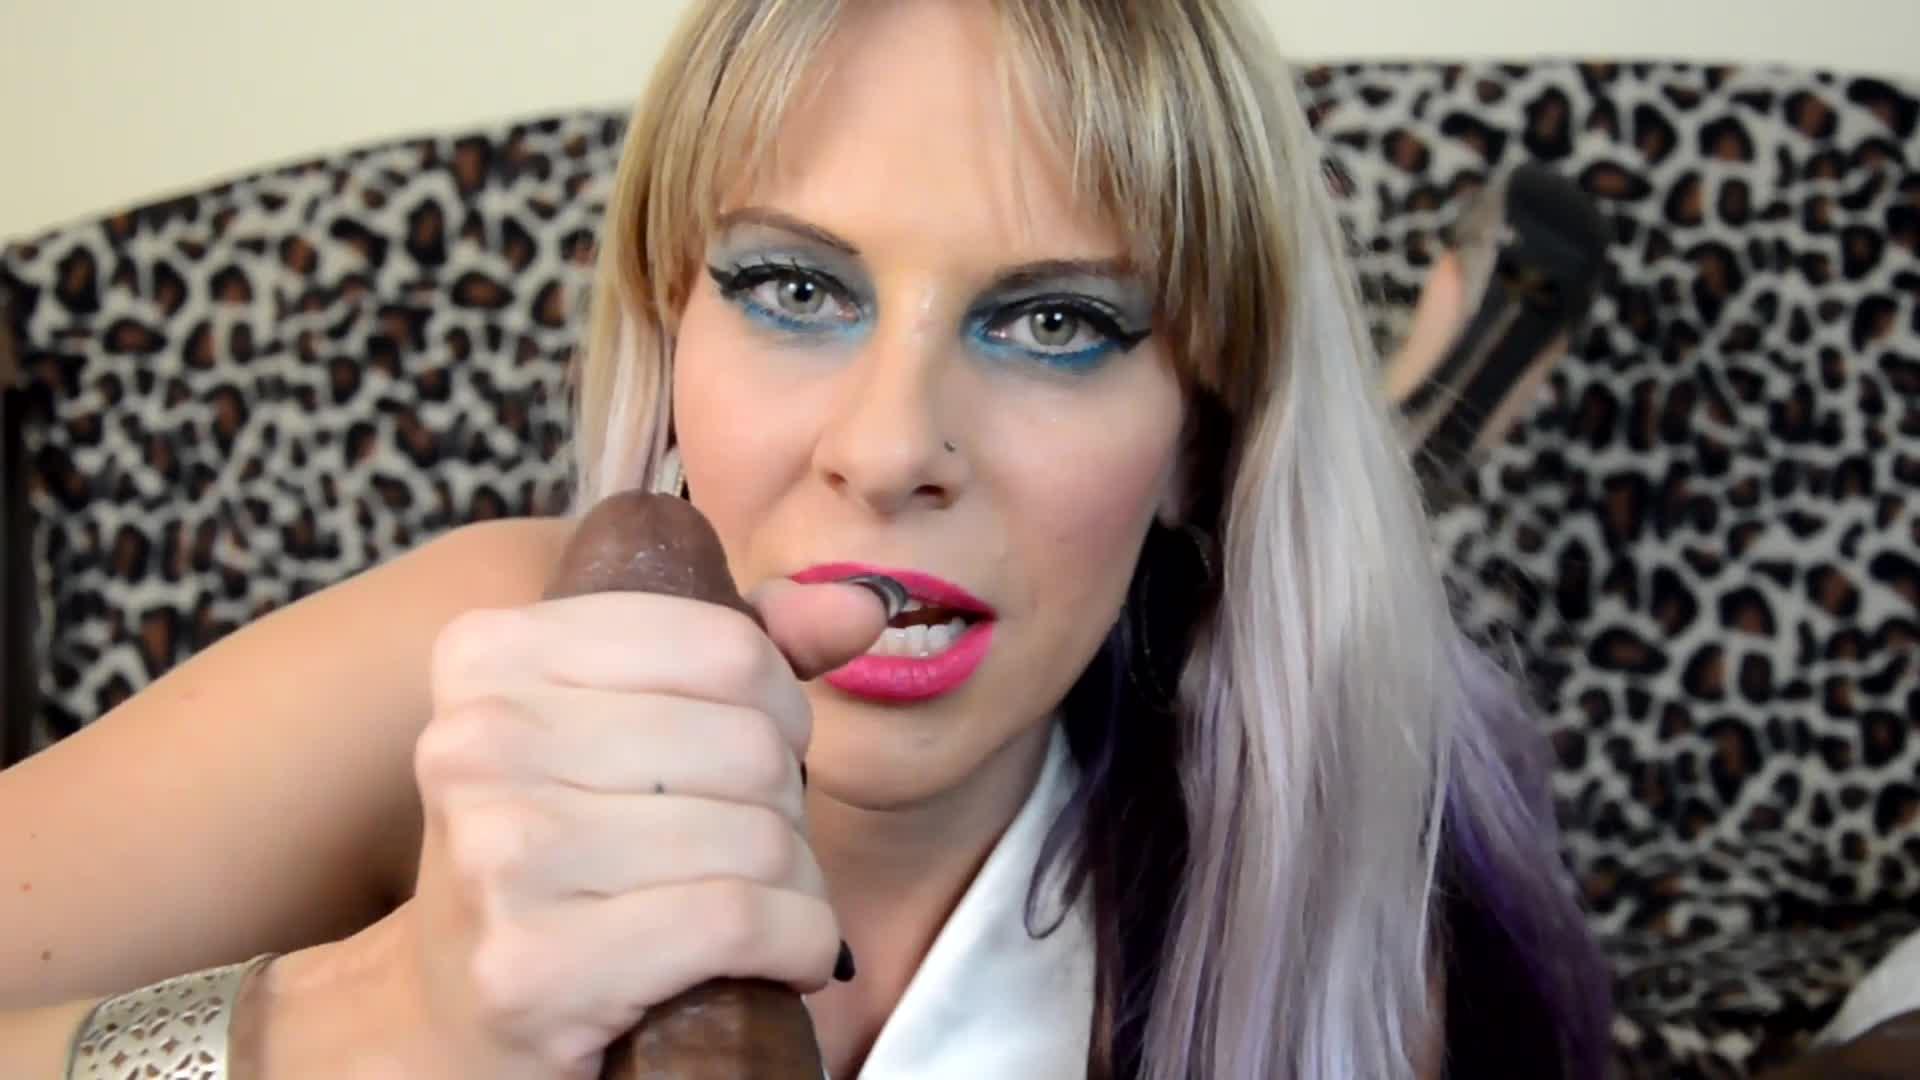 """""""Naughty Vicky Vixxx"""" (Interracial, Blowjob, Tongue Fetish, BBC, Handjobs) Vicky's teasing tongue - ManyVids Production"""